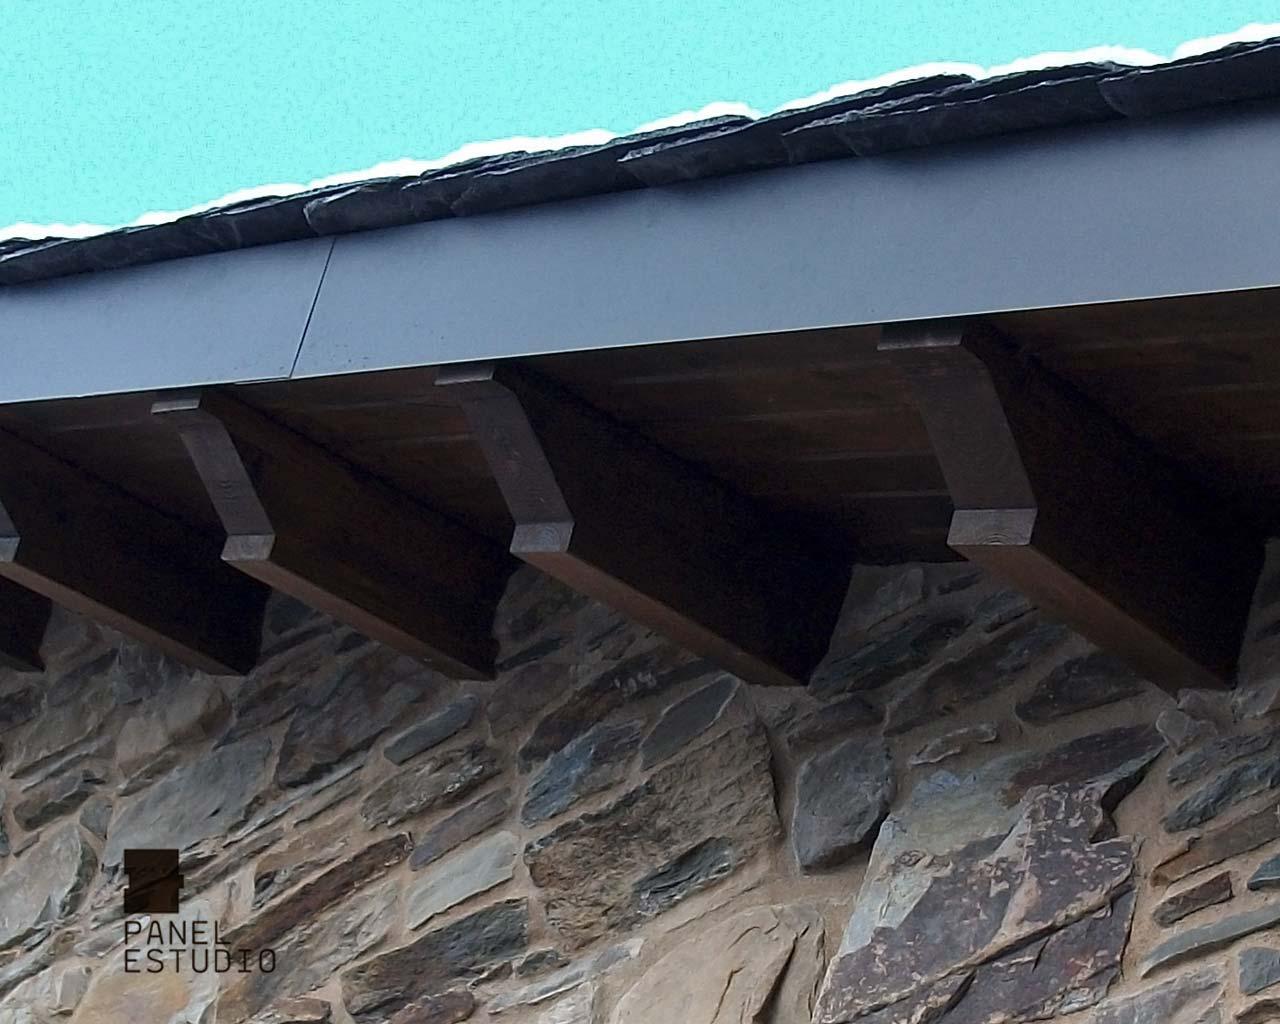 Remate protector del alero de panel de madera para for Tejados de madera antiguos